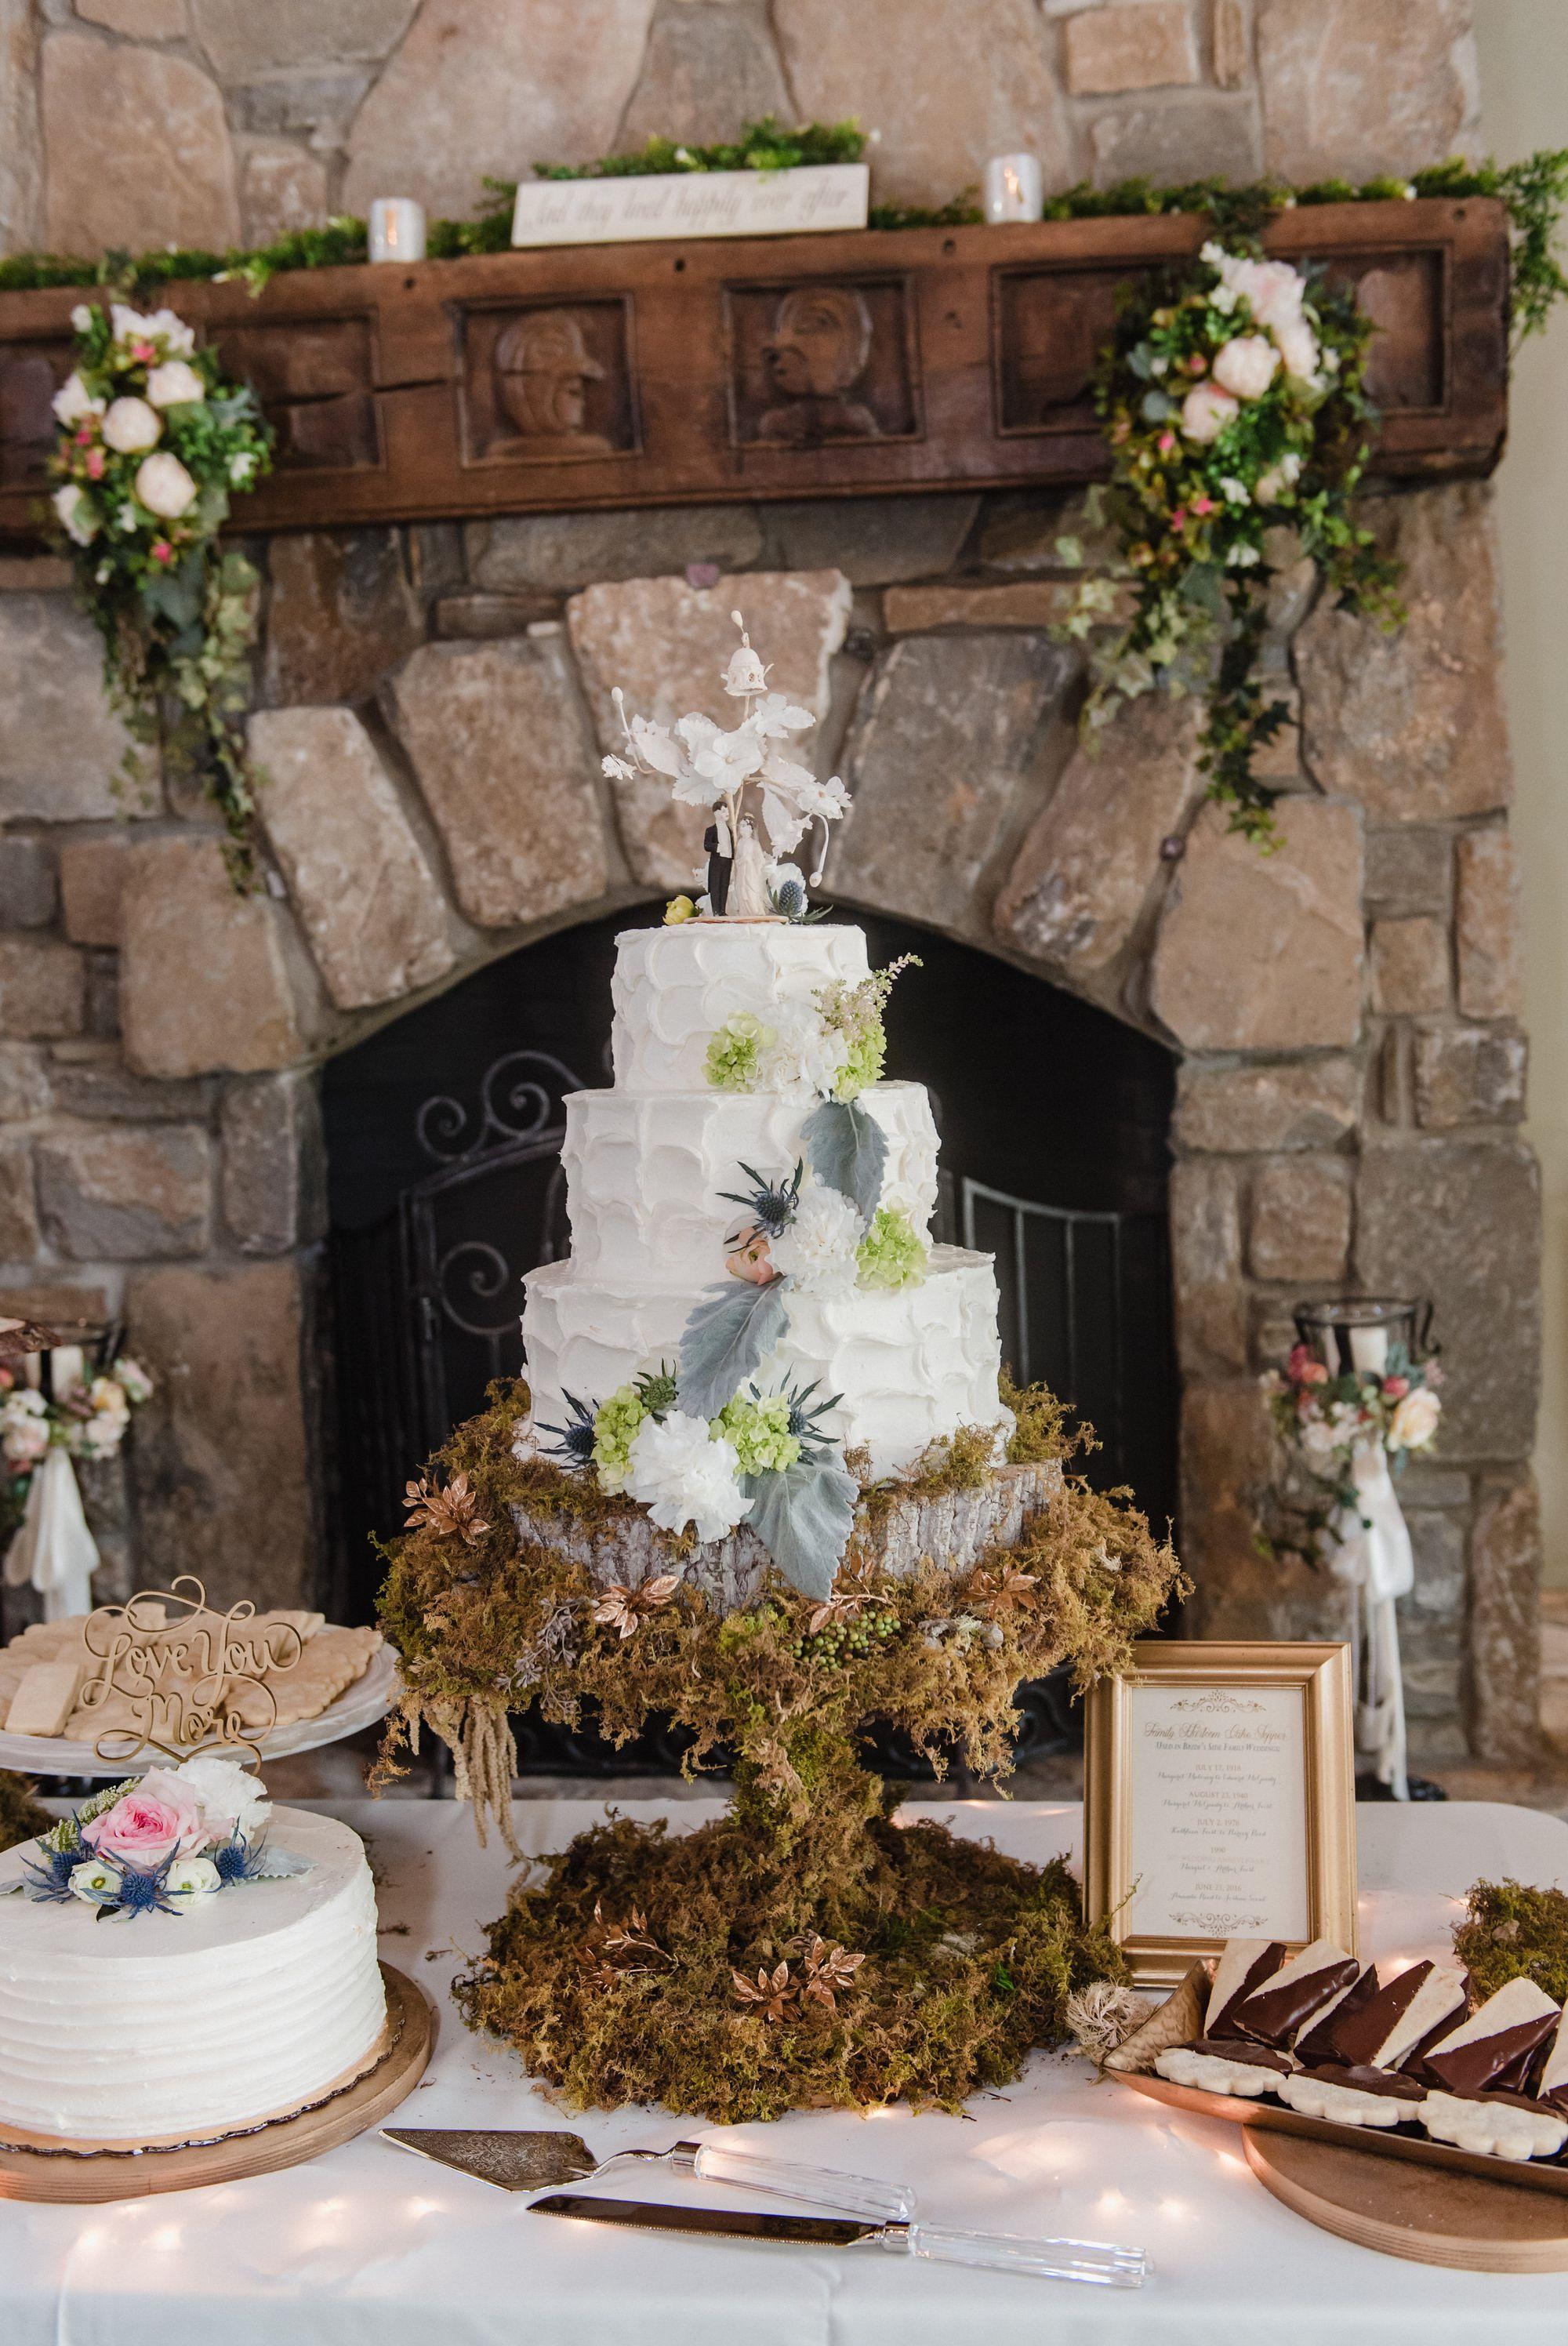 castle-ladyhawke-destination-wedding 59